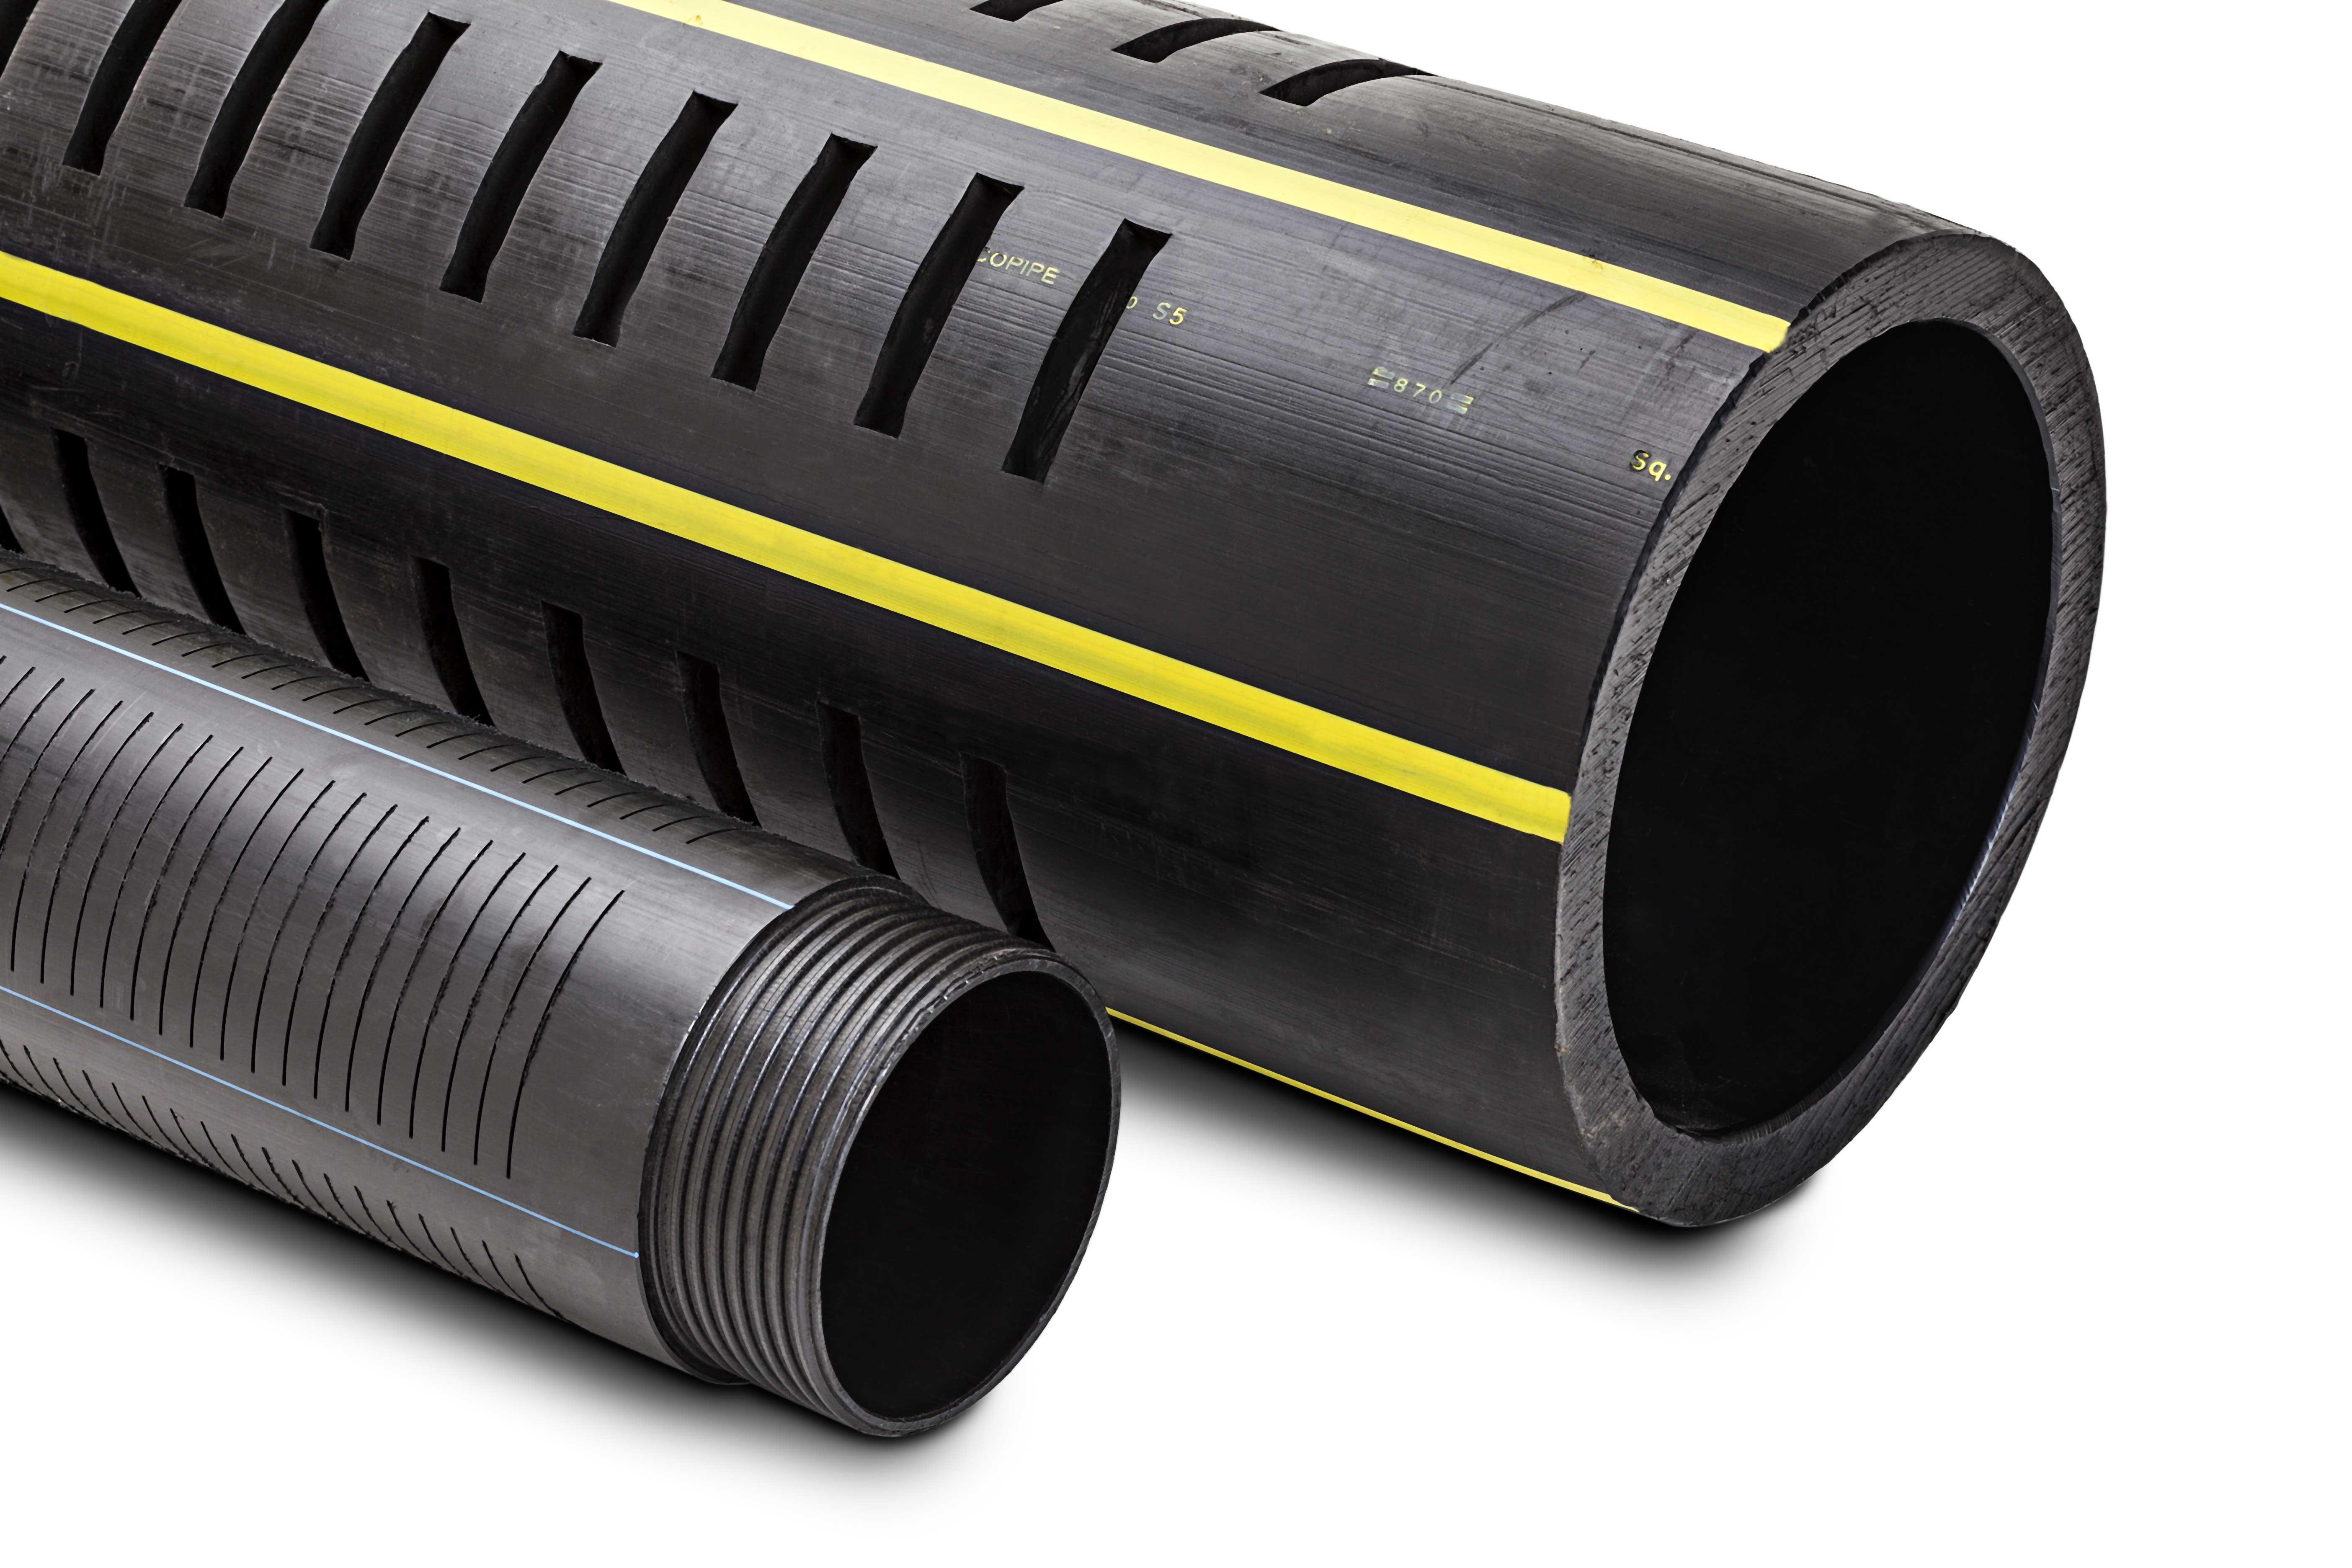 Dettaglio delle tipologie di Fessurazioni e Filettature di Tubi in Polietilene per Drenaggi e Pozzi d'Acqua